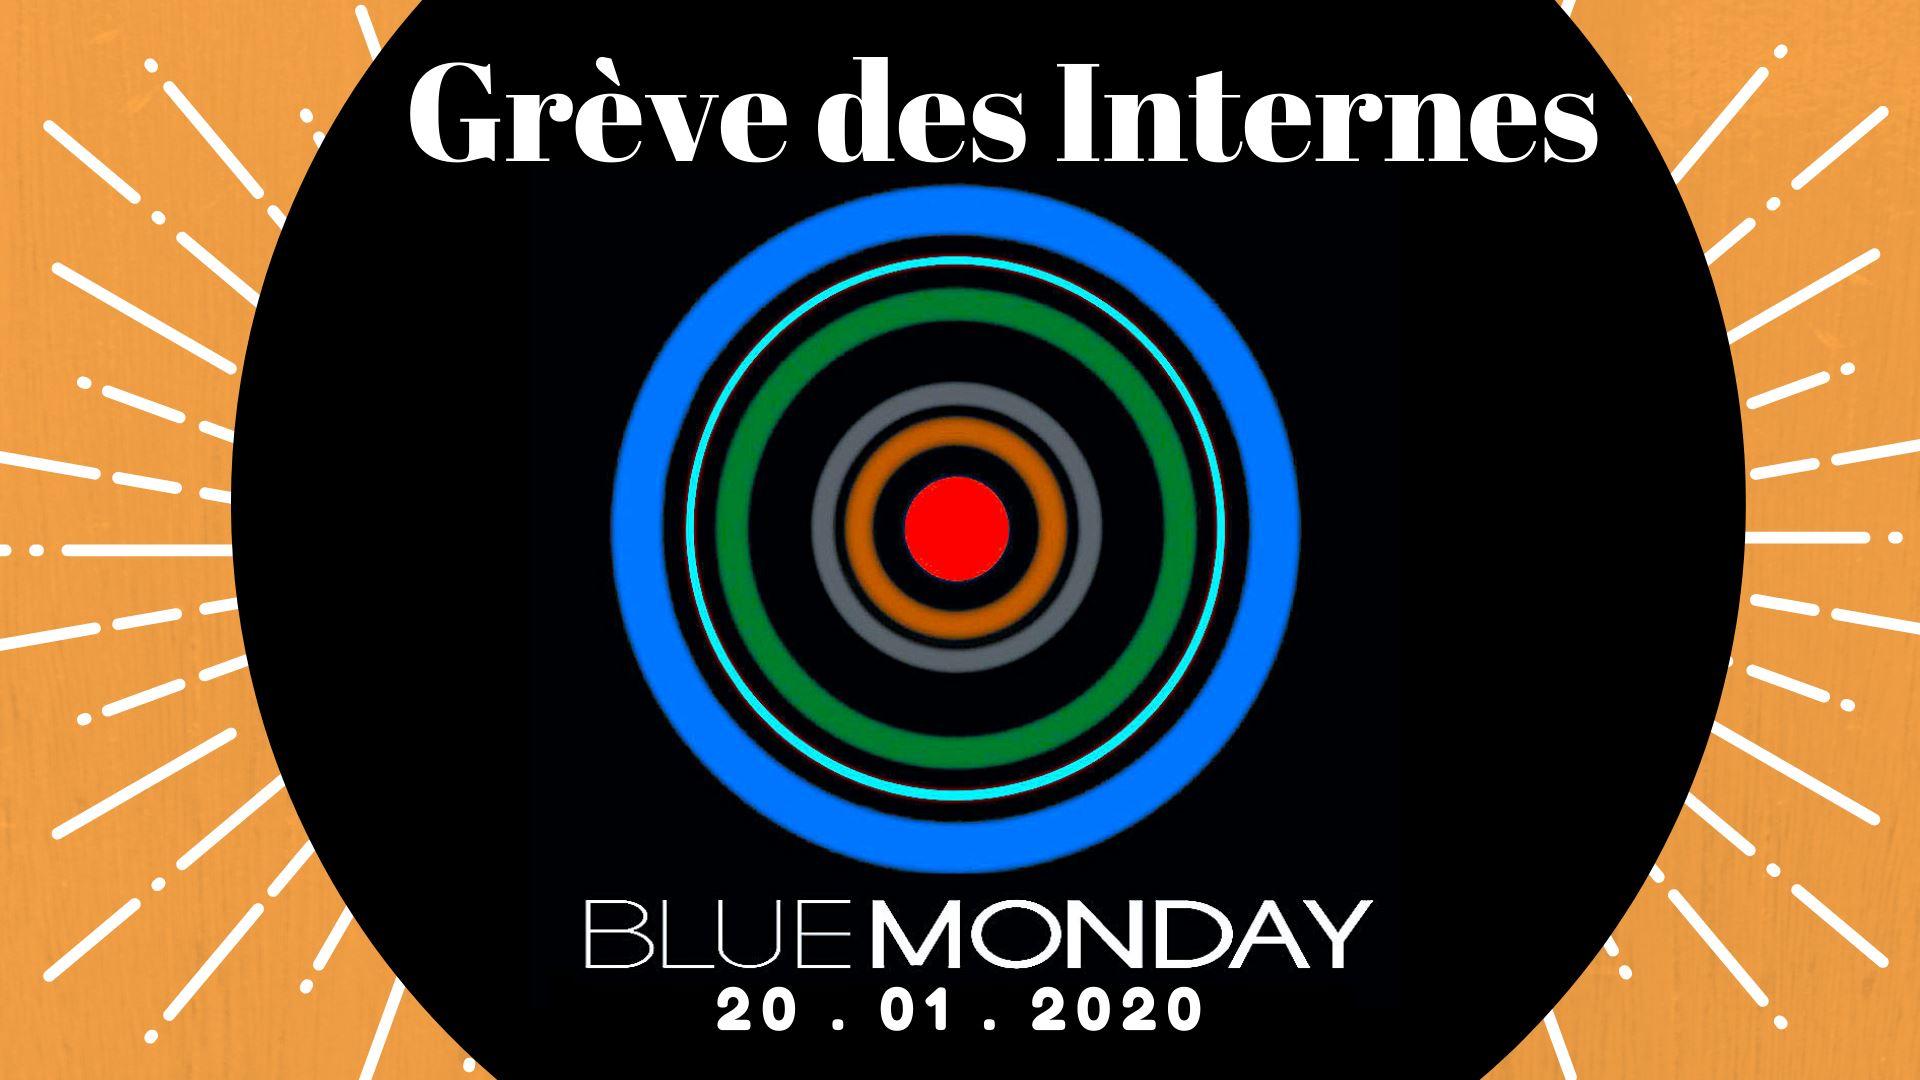 Grève des Internes - Blue Monday